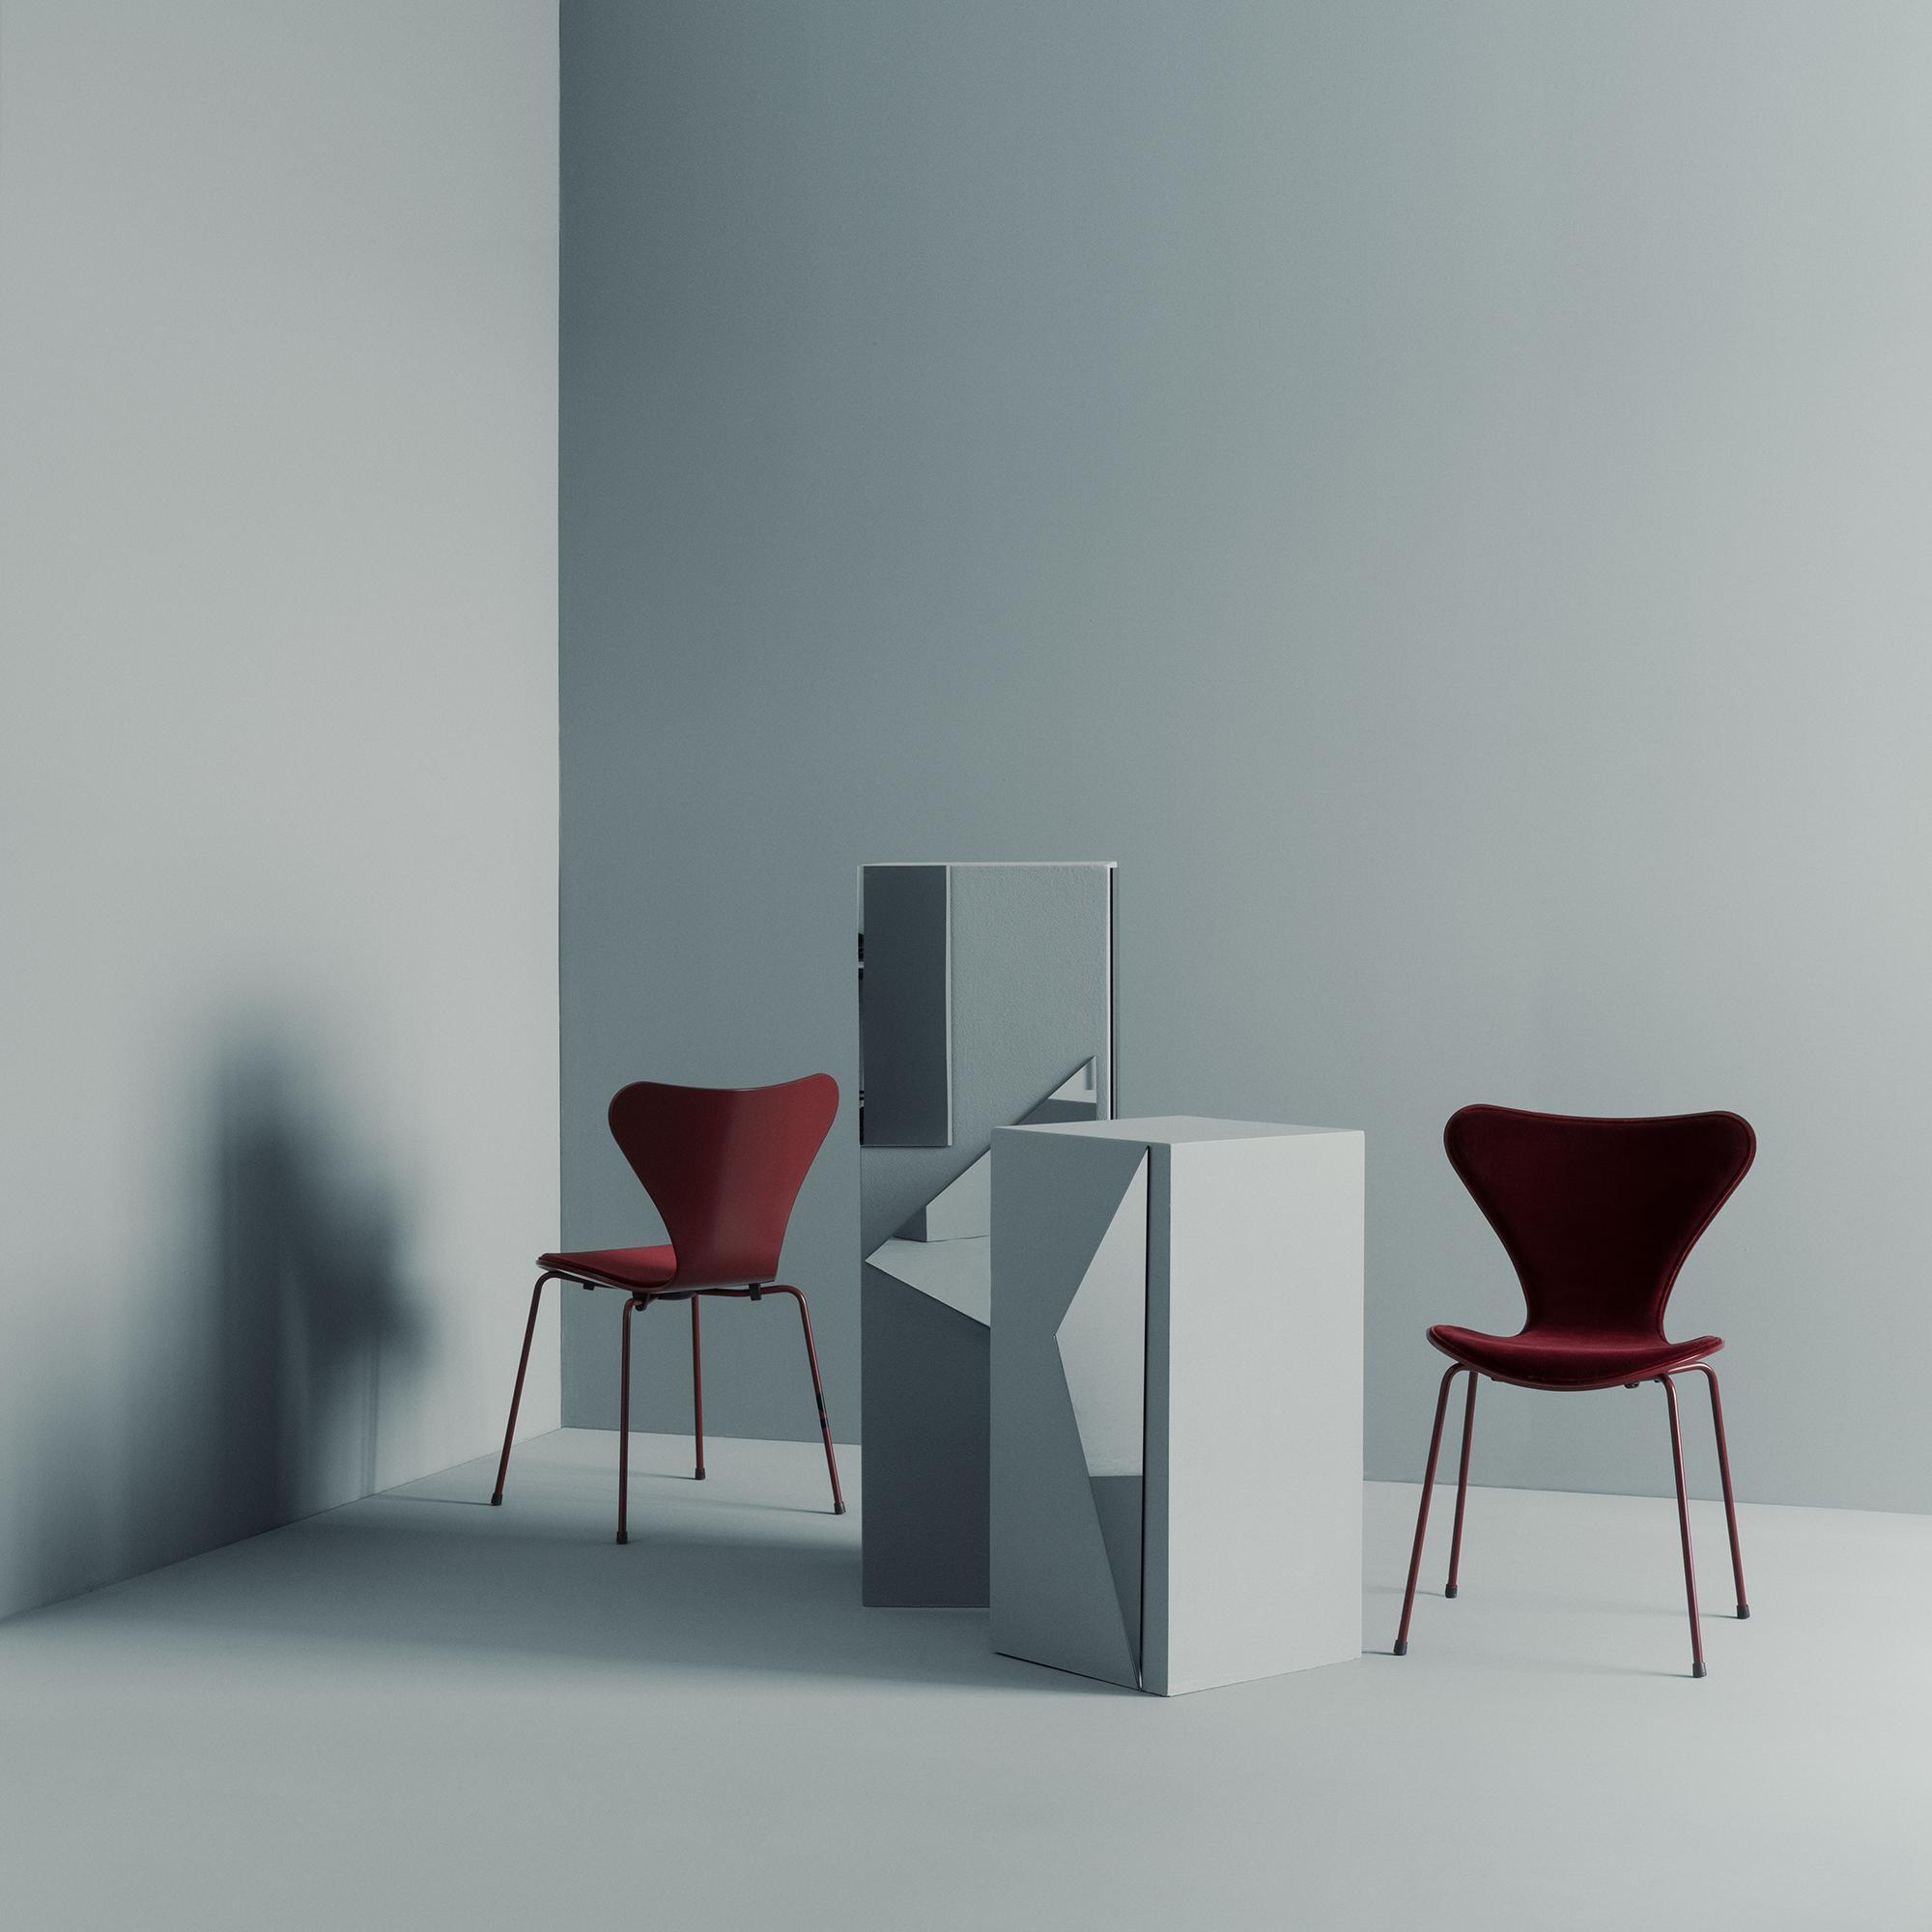 Fritz Hansen Limited Edition Serie 7 Stuhl Samt Ambientedirect